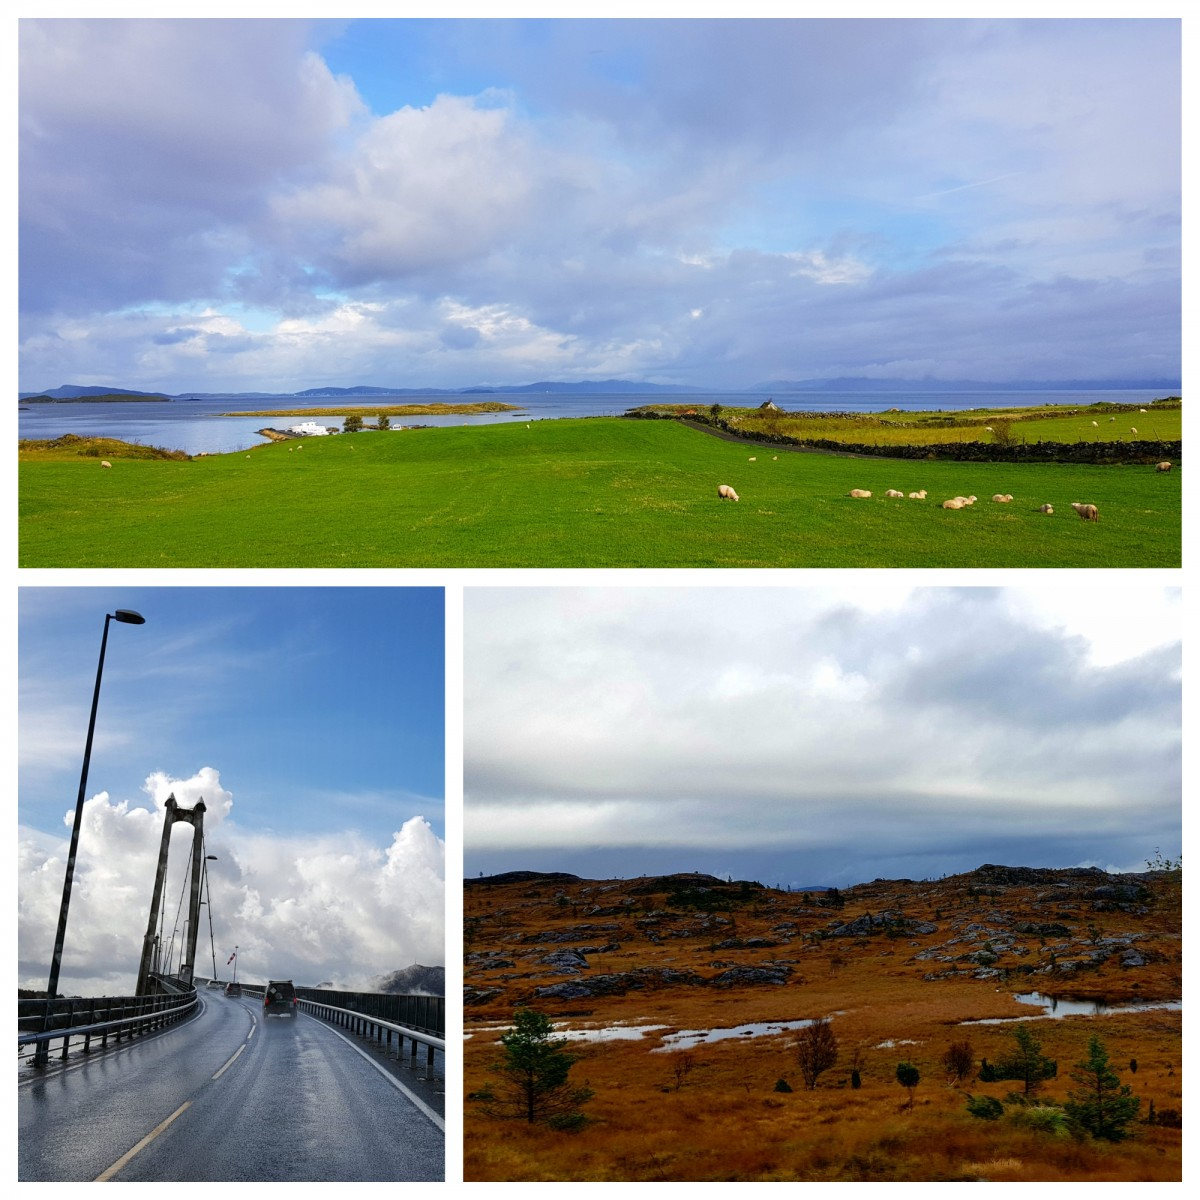 Bilferie fra Stavanger til Leirvik